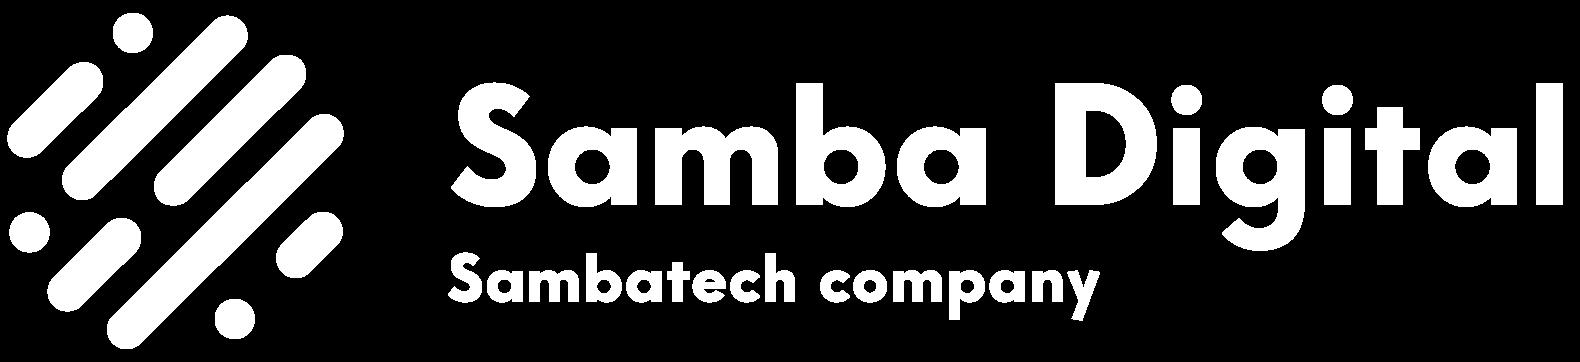 Samba Digital